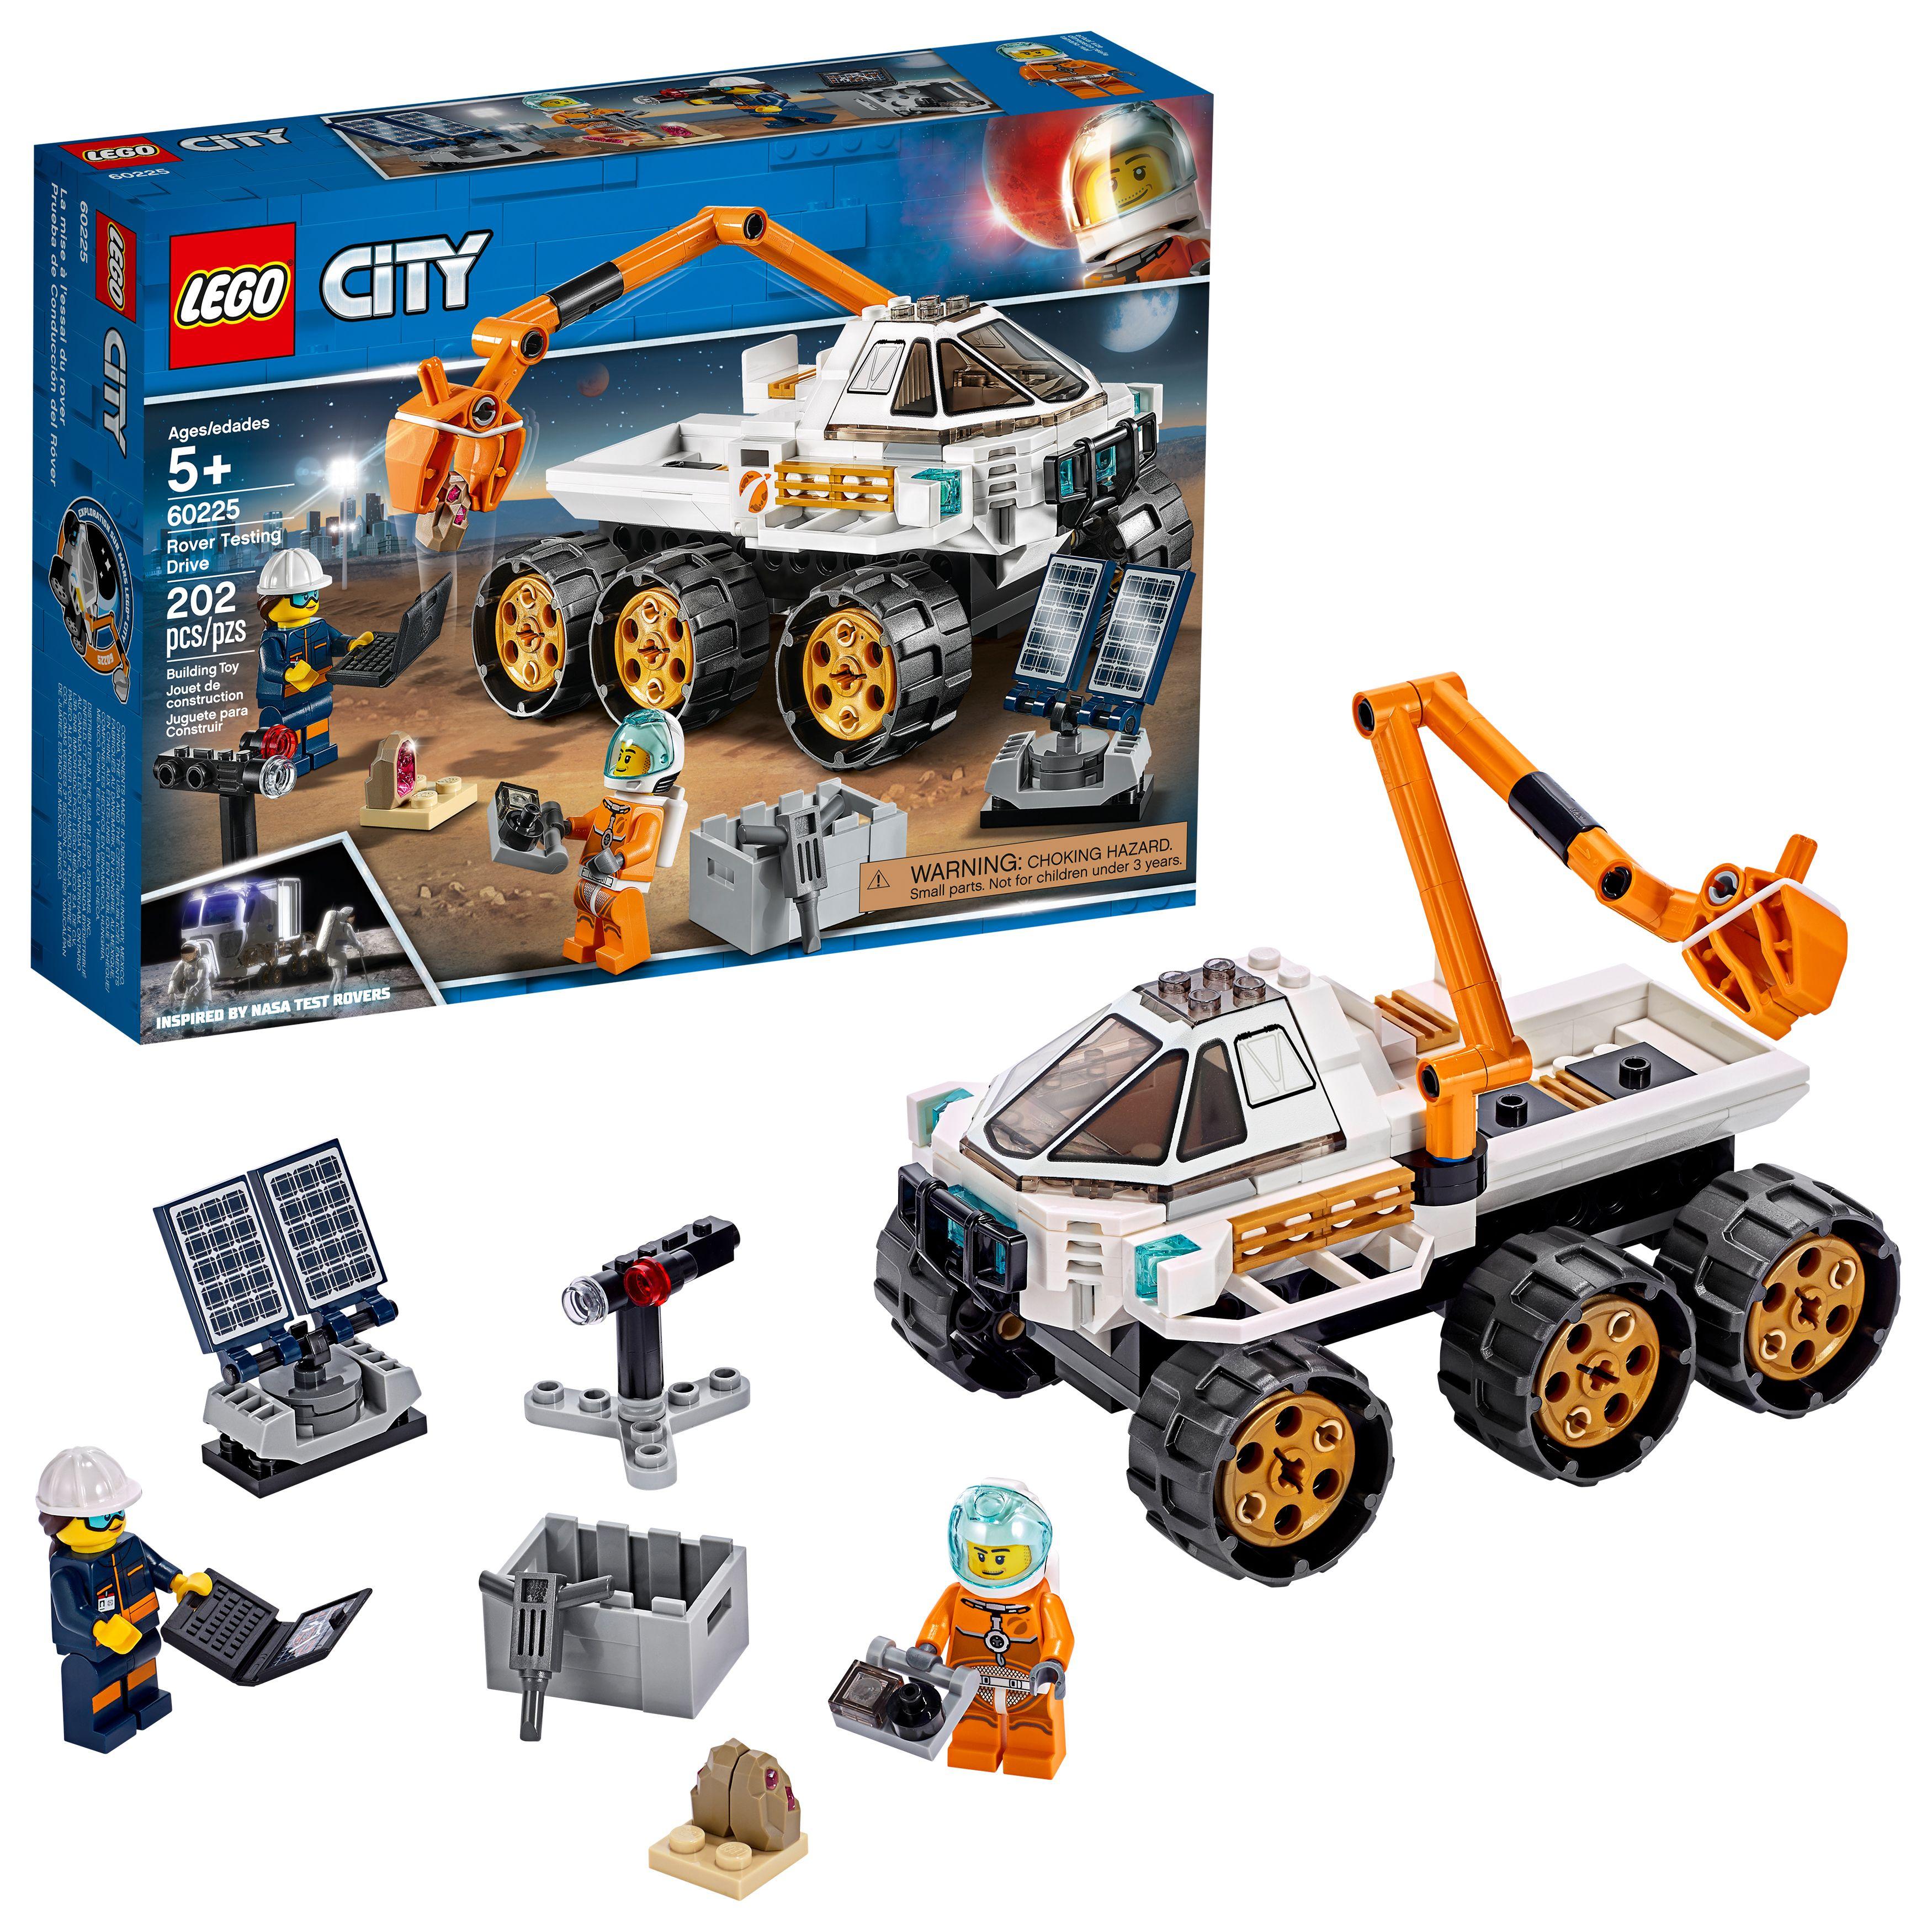 Toys Lego City Space Lego City Buy Lego